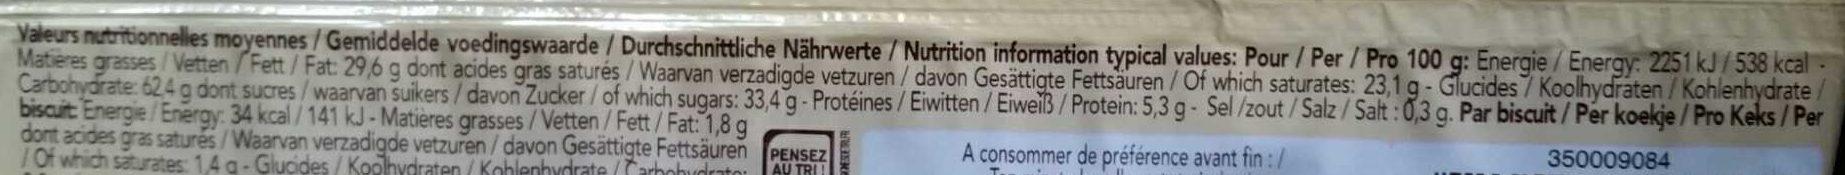 Delacre croustifondante gaufrette vanille - Informazioni nutrizionali - fr